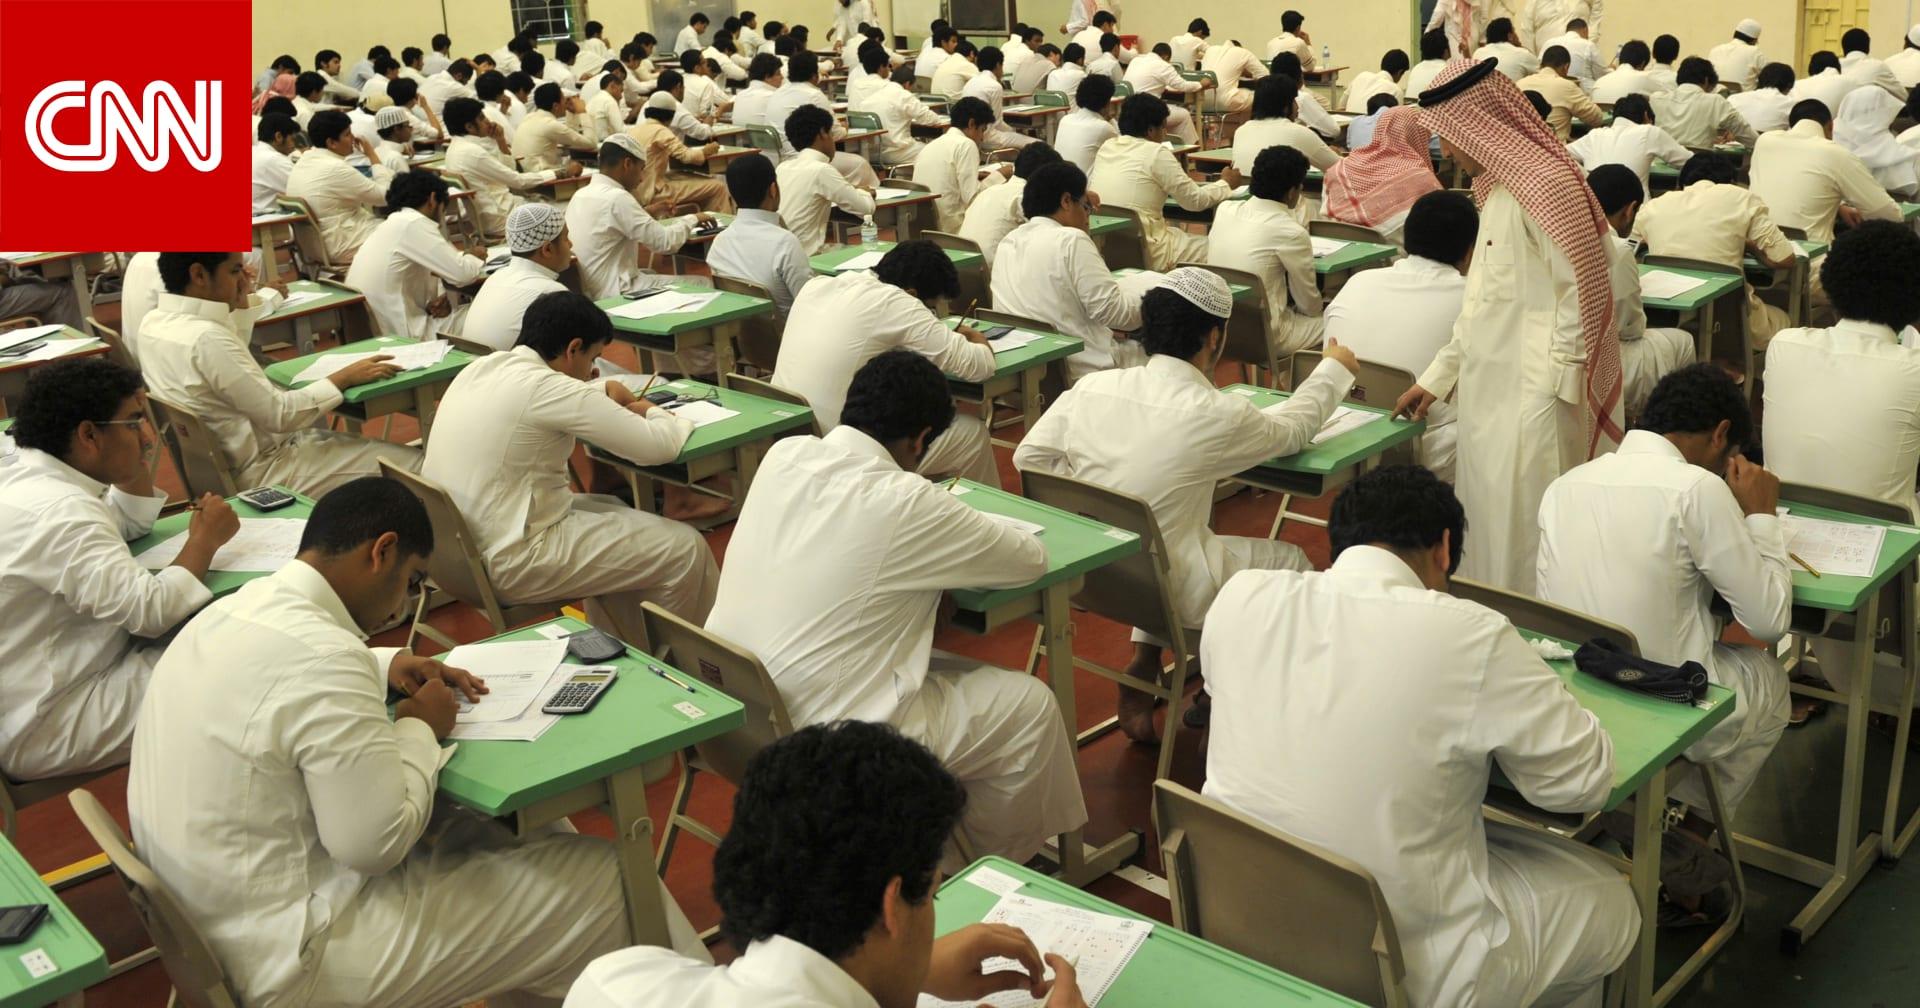 التعليم في السعودية يبت بقرار بعد جدل استخدام الجوال داخل المدرسة